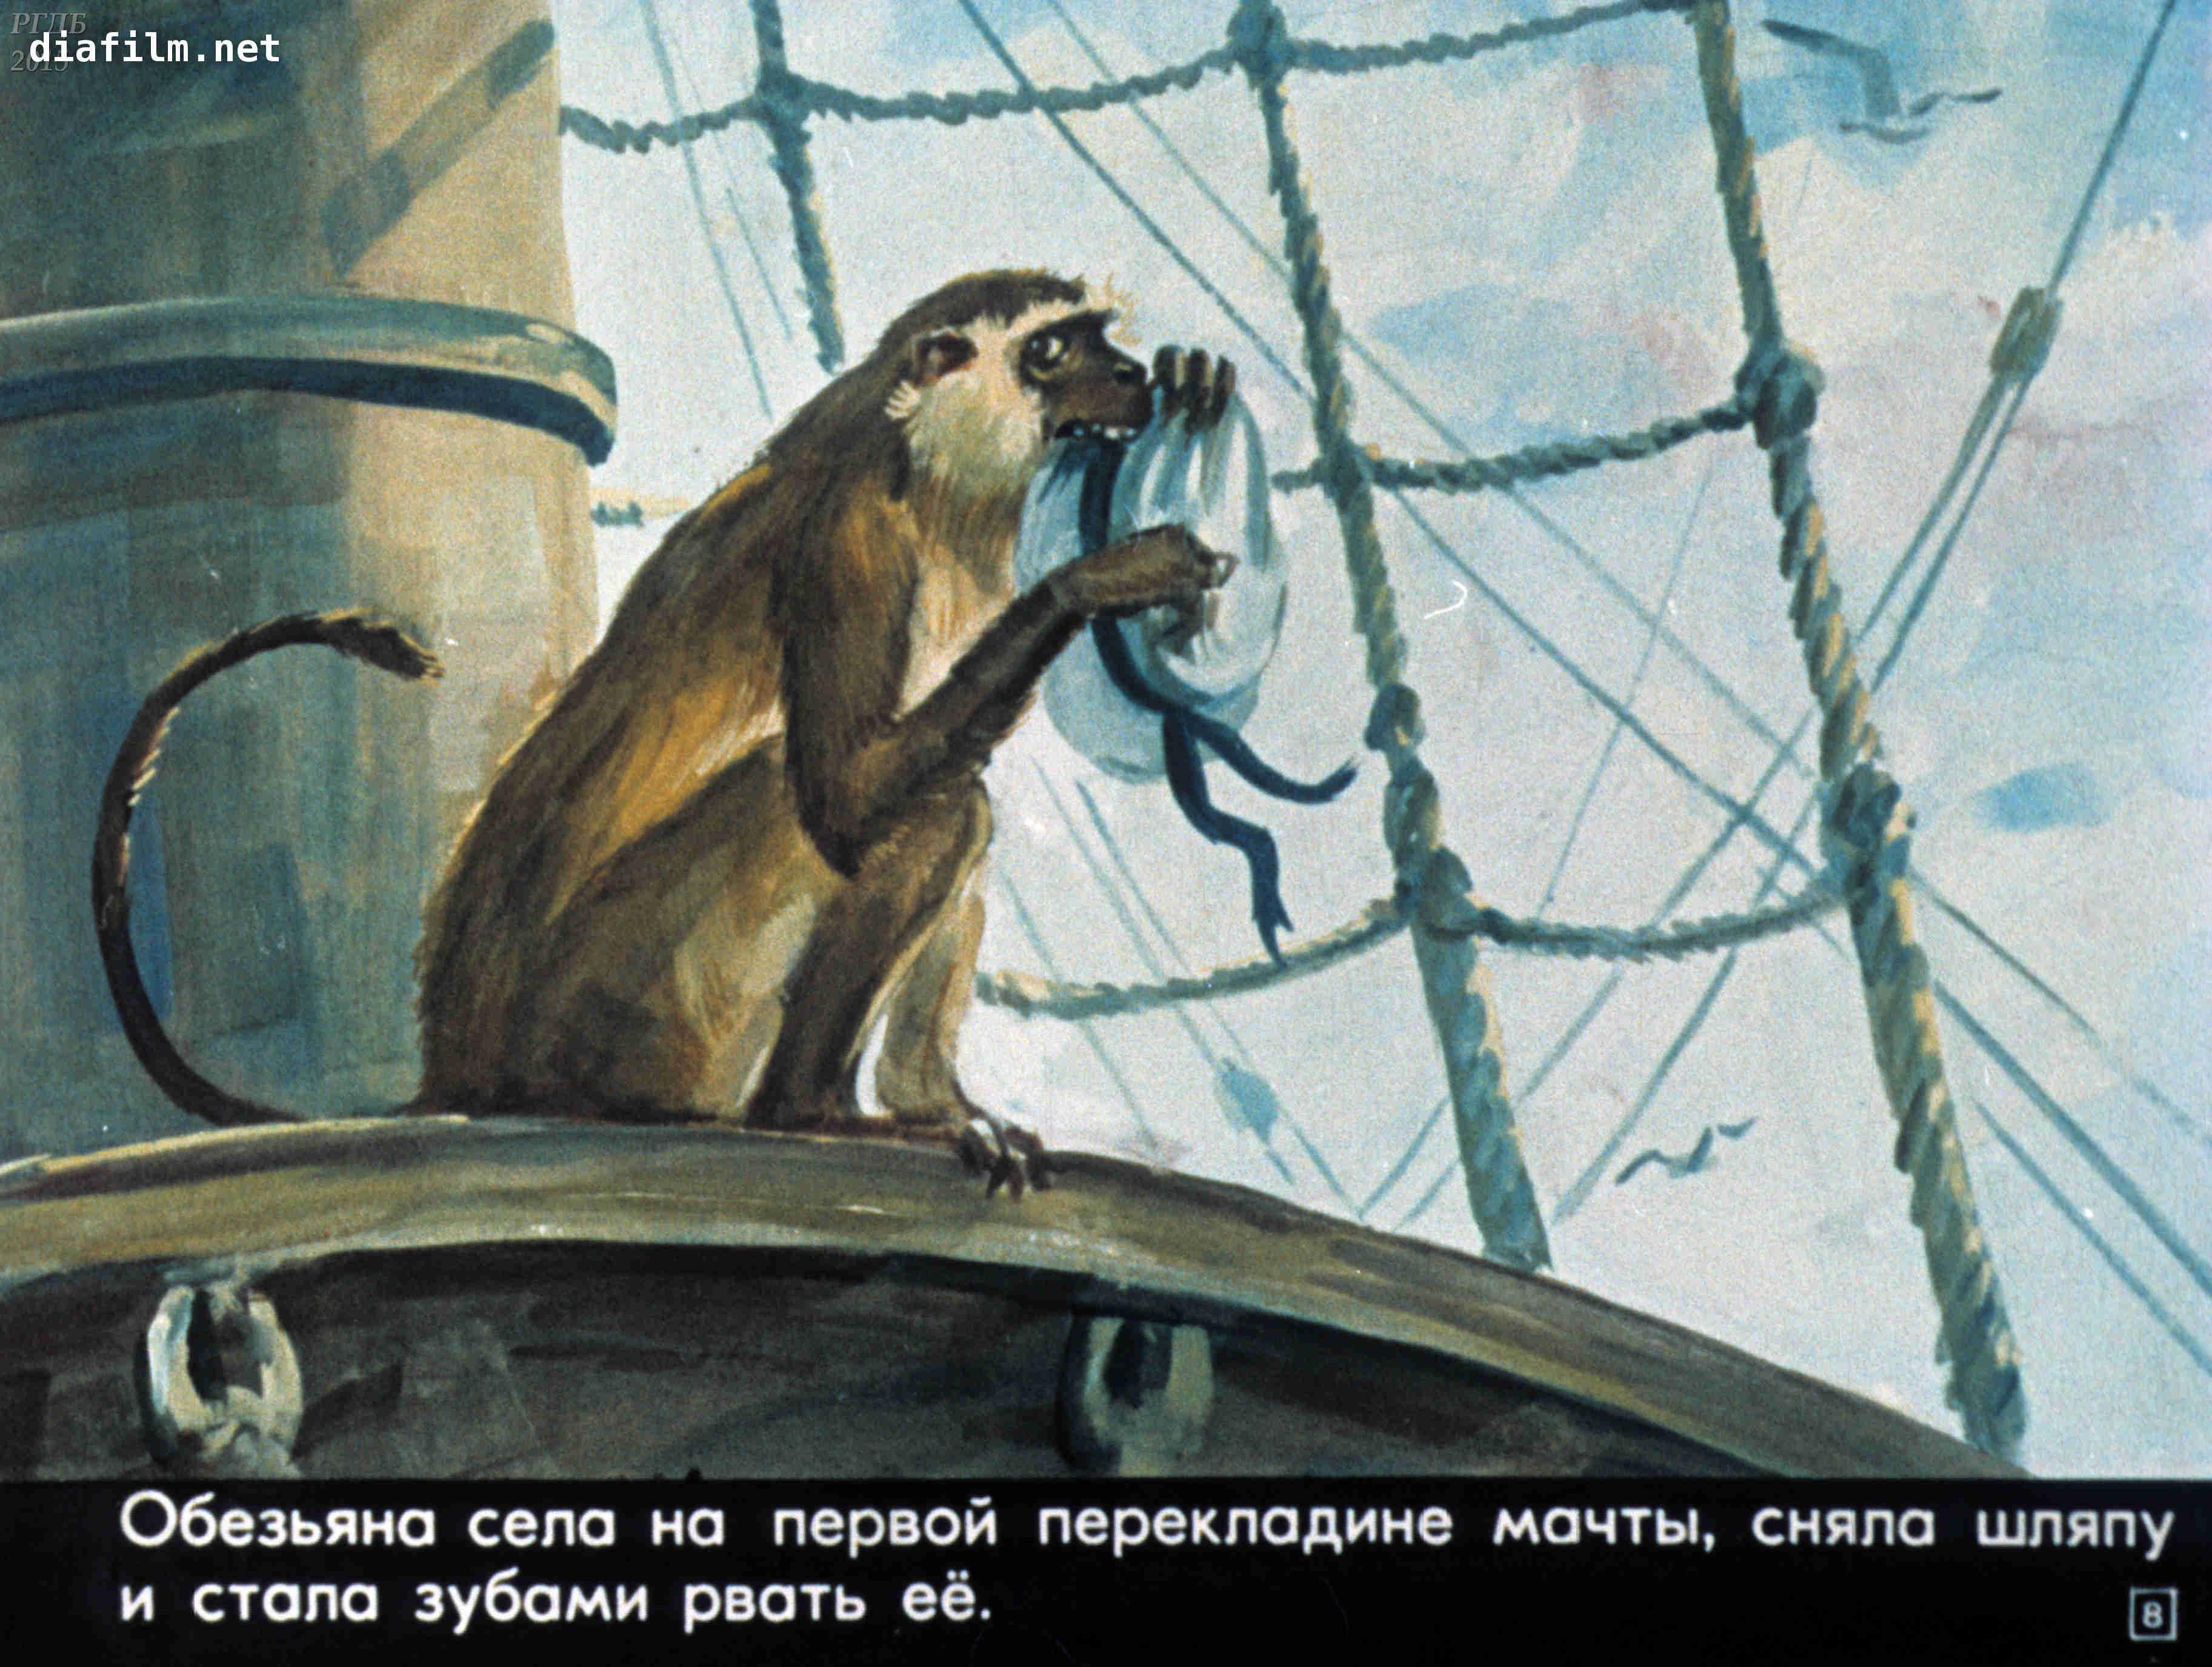 жители картинки прыжок льва толстого валентинович годам подтянут